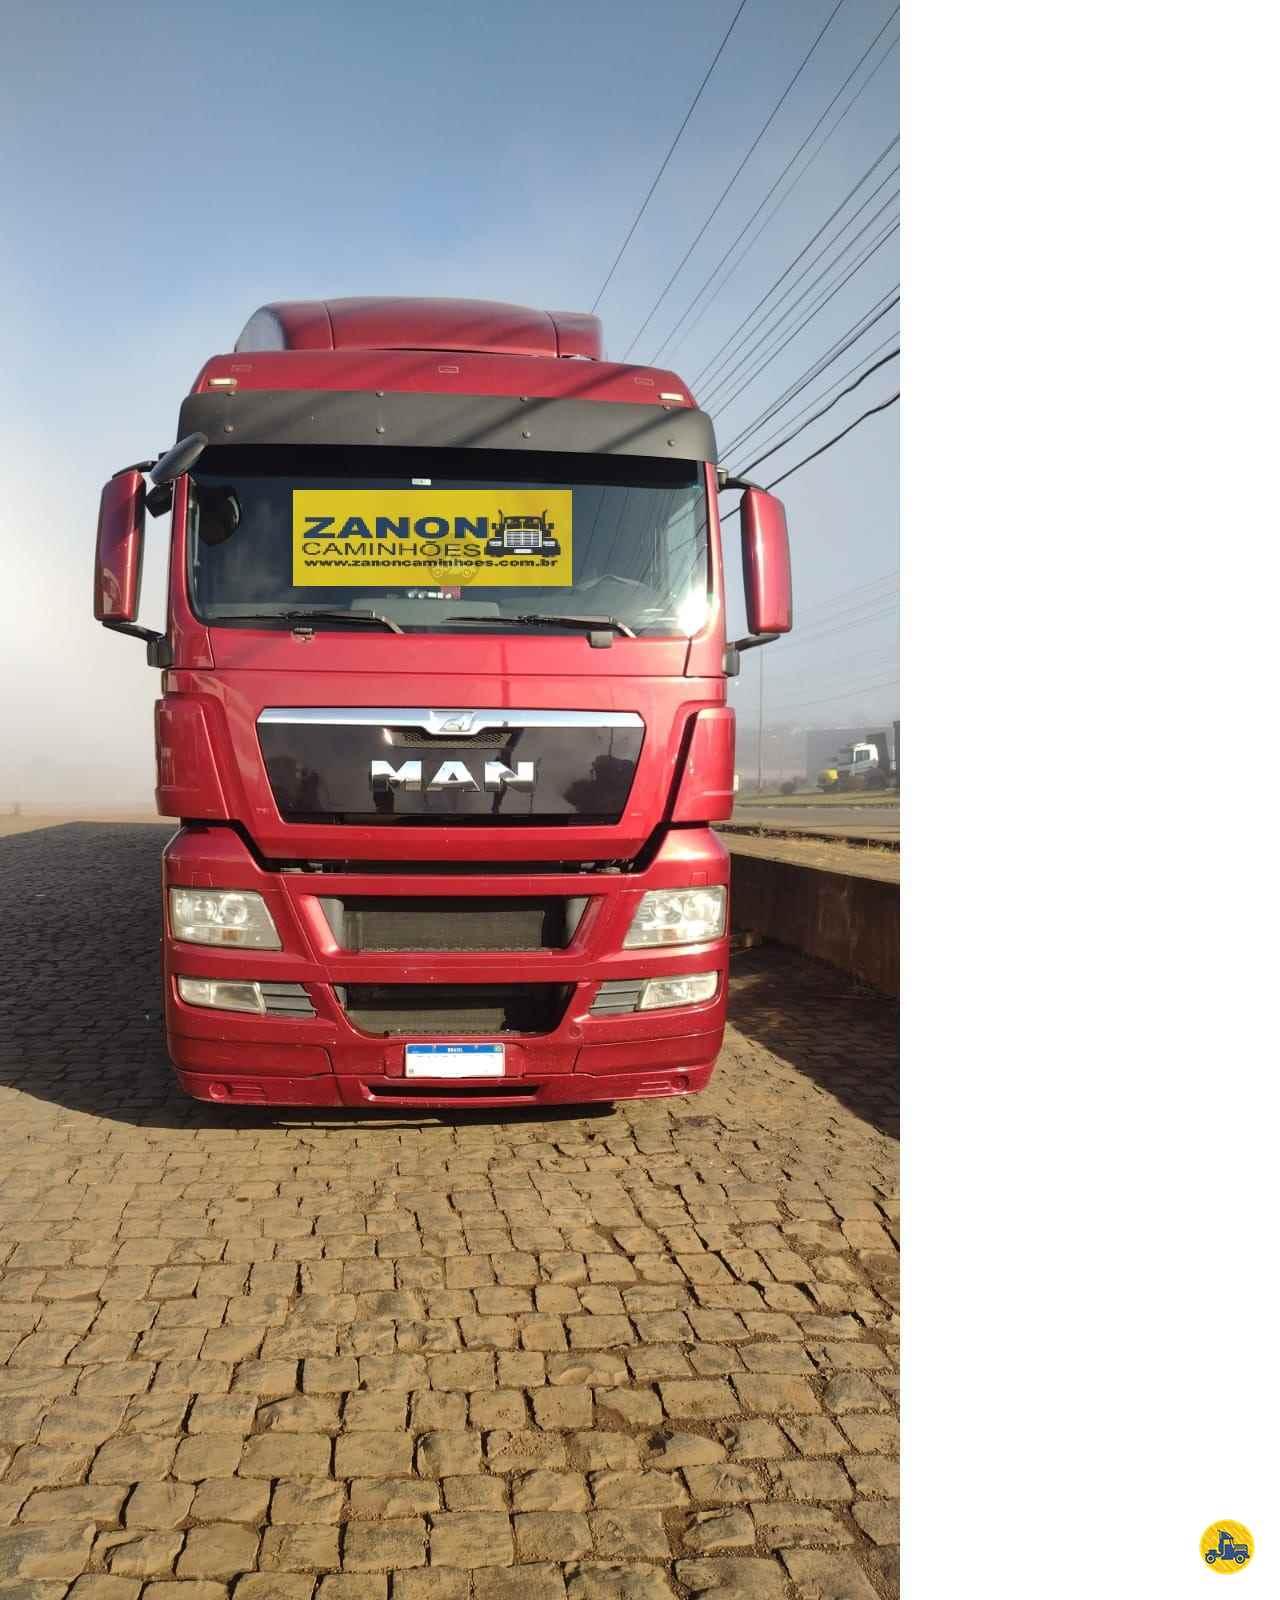 CAMINHAO MAN TGX 28 440 Cavalo Mecânico Truck 6x2 Zanon Caminhões e Implementos PASSO FUNDO RIO GRANDE DO SUL RS